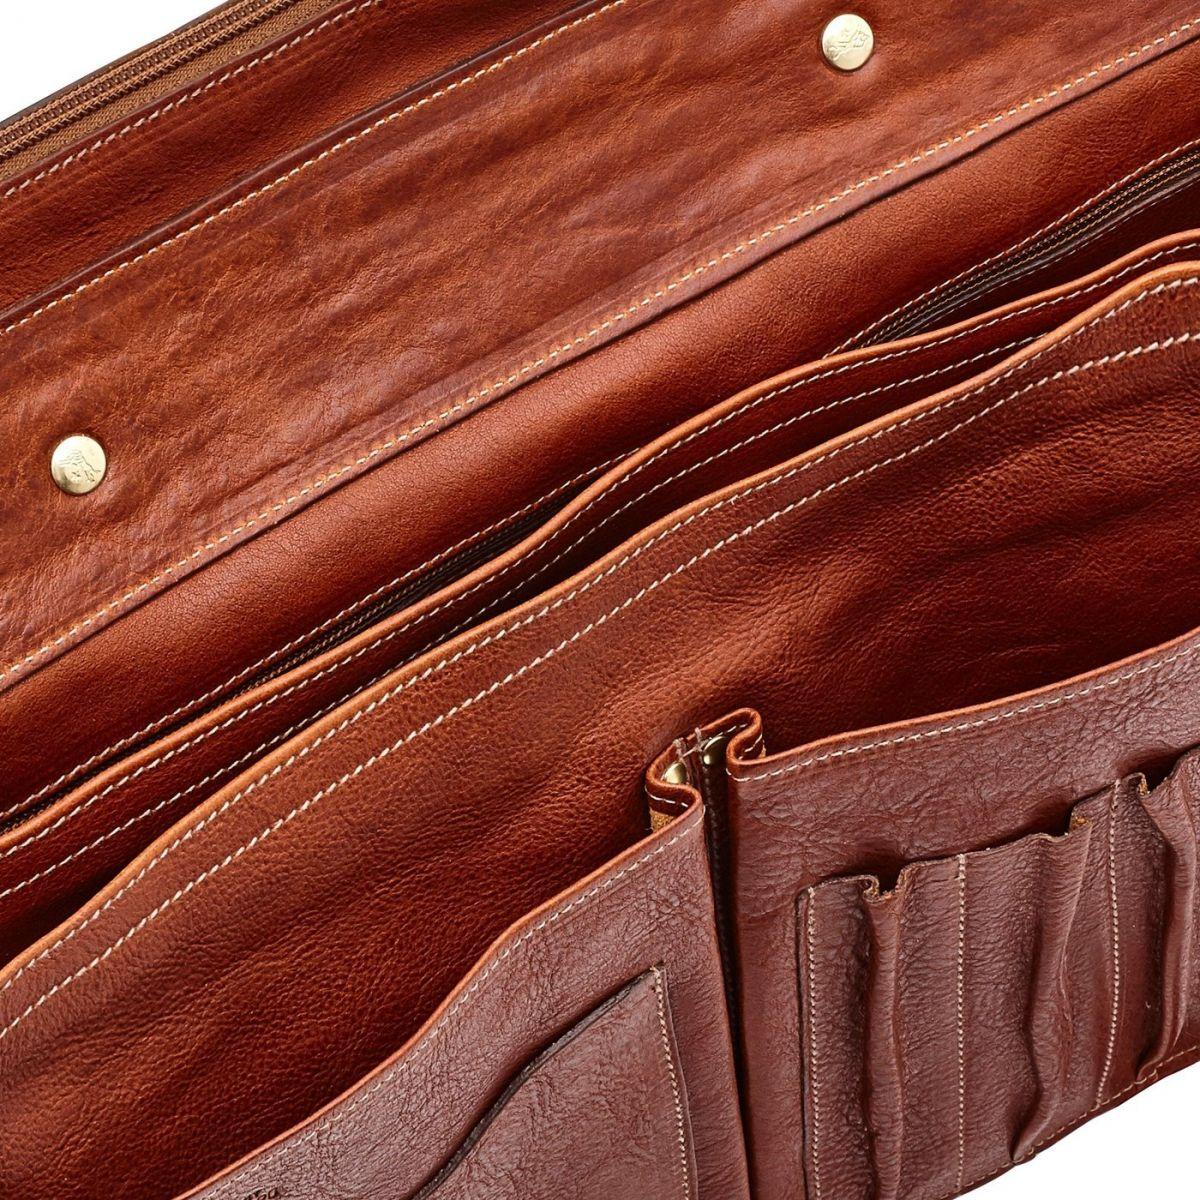 Serviette en Cuir De Vachette Vintage BBC013 couleur Brun Foncé Seppia | Details